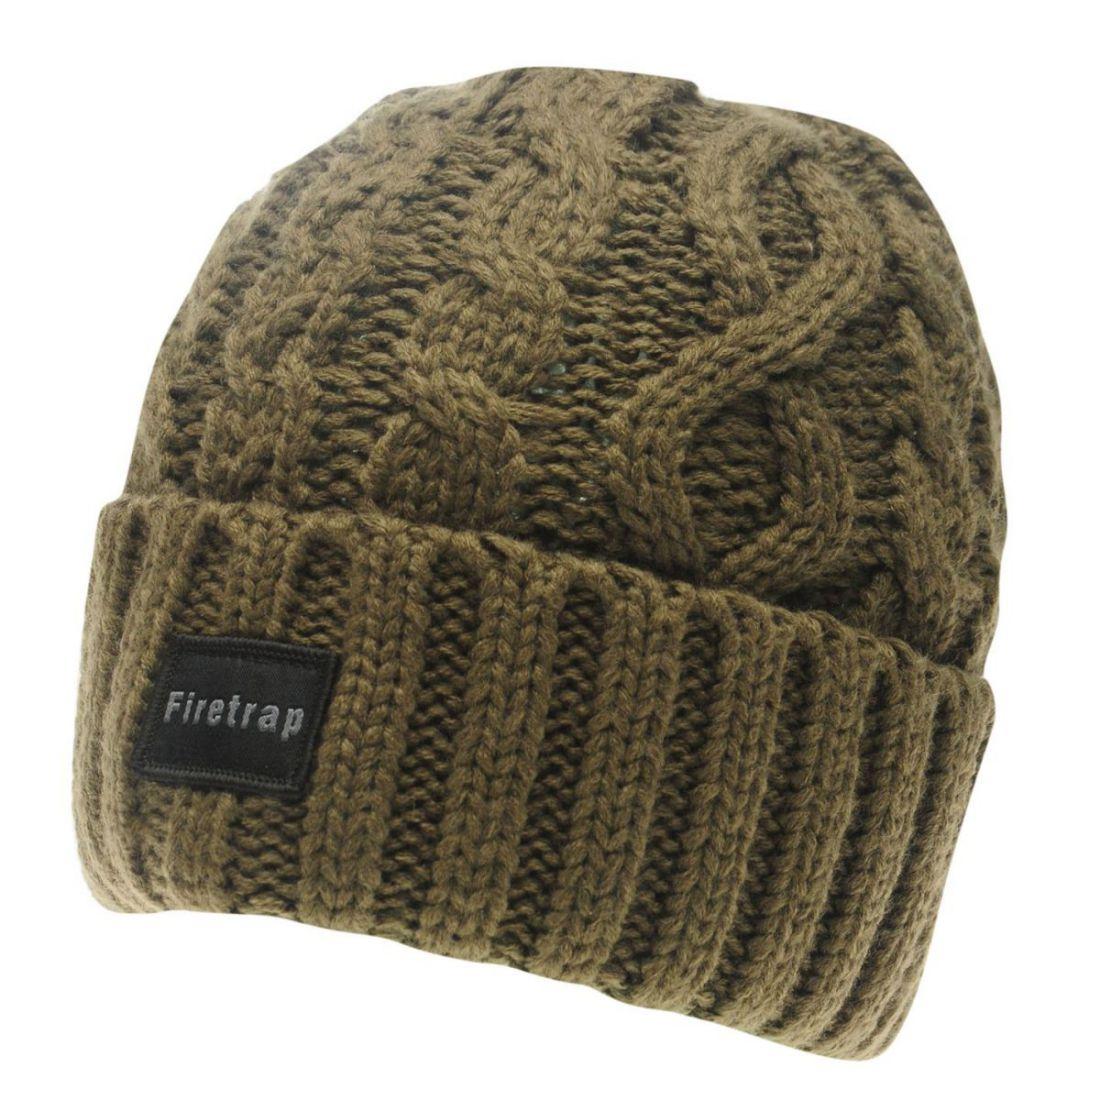 Firetrap Fisherman Hat Mens Gents Beanie Warm Knitwear